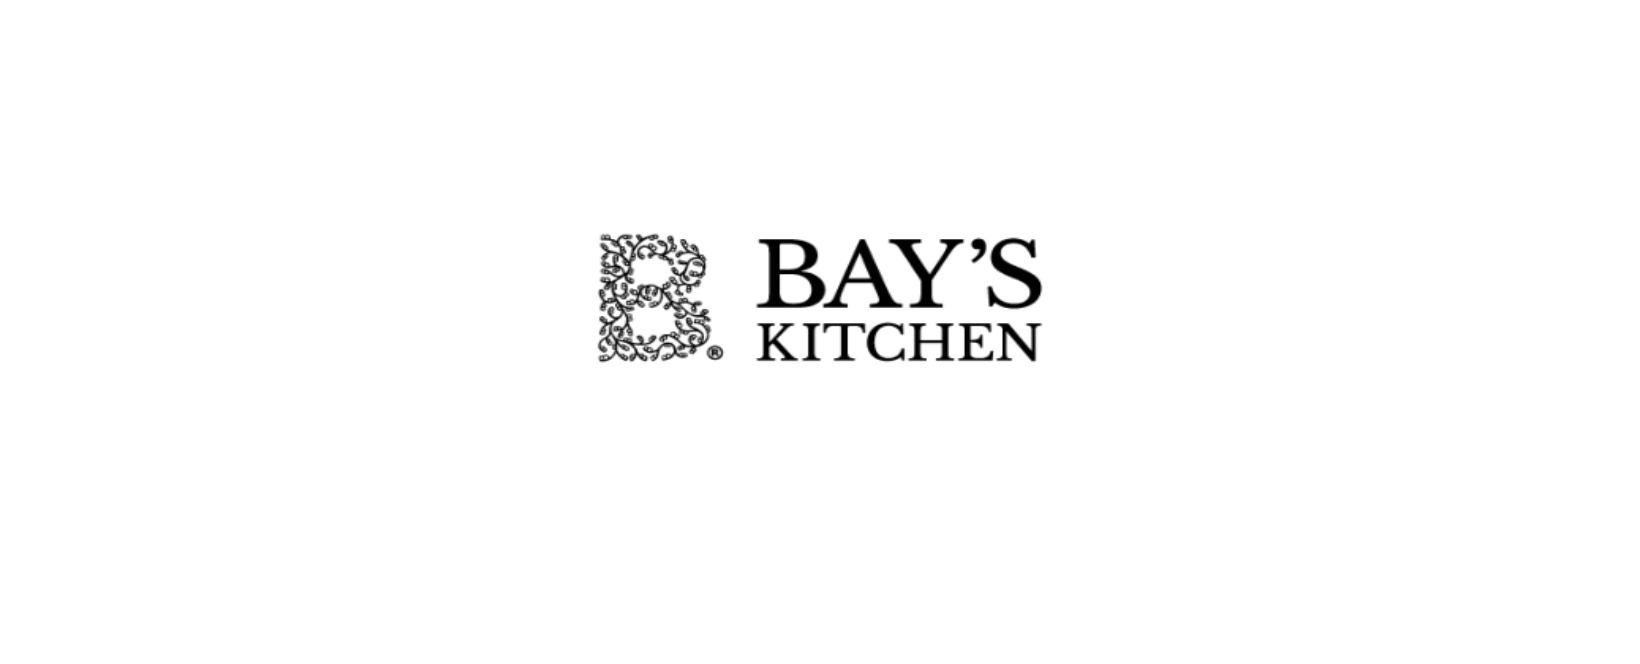 Bay's Kitchen Discount Code 2021